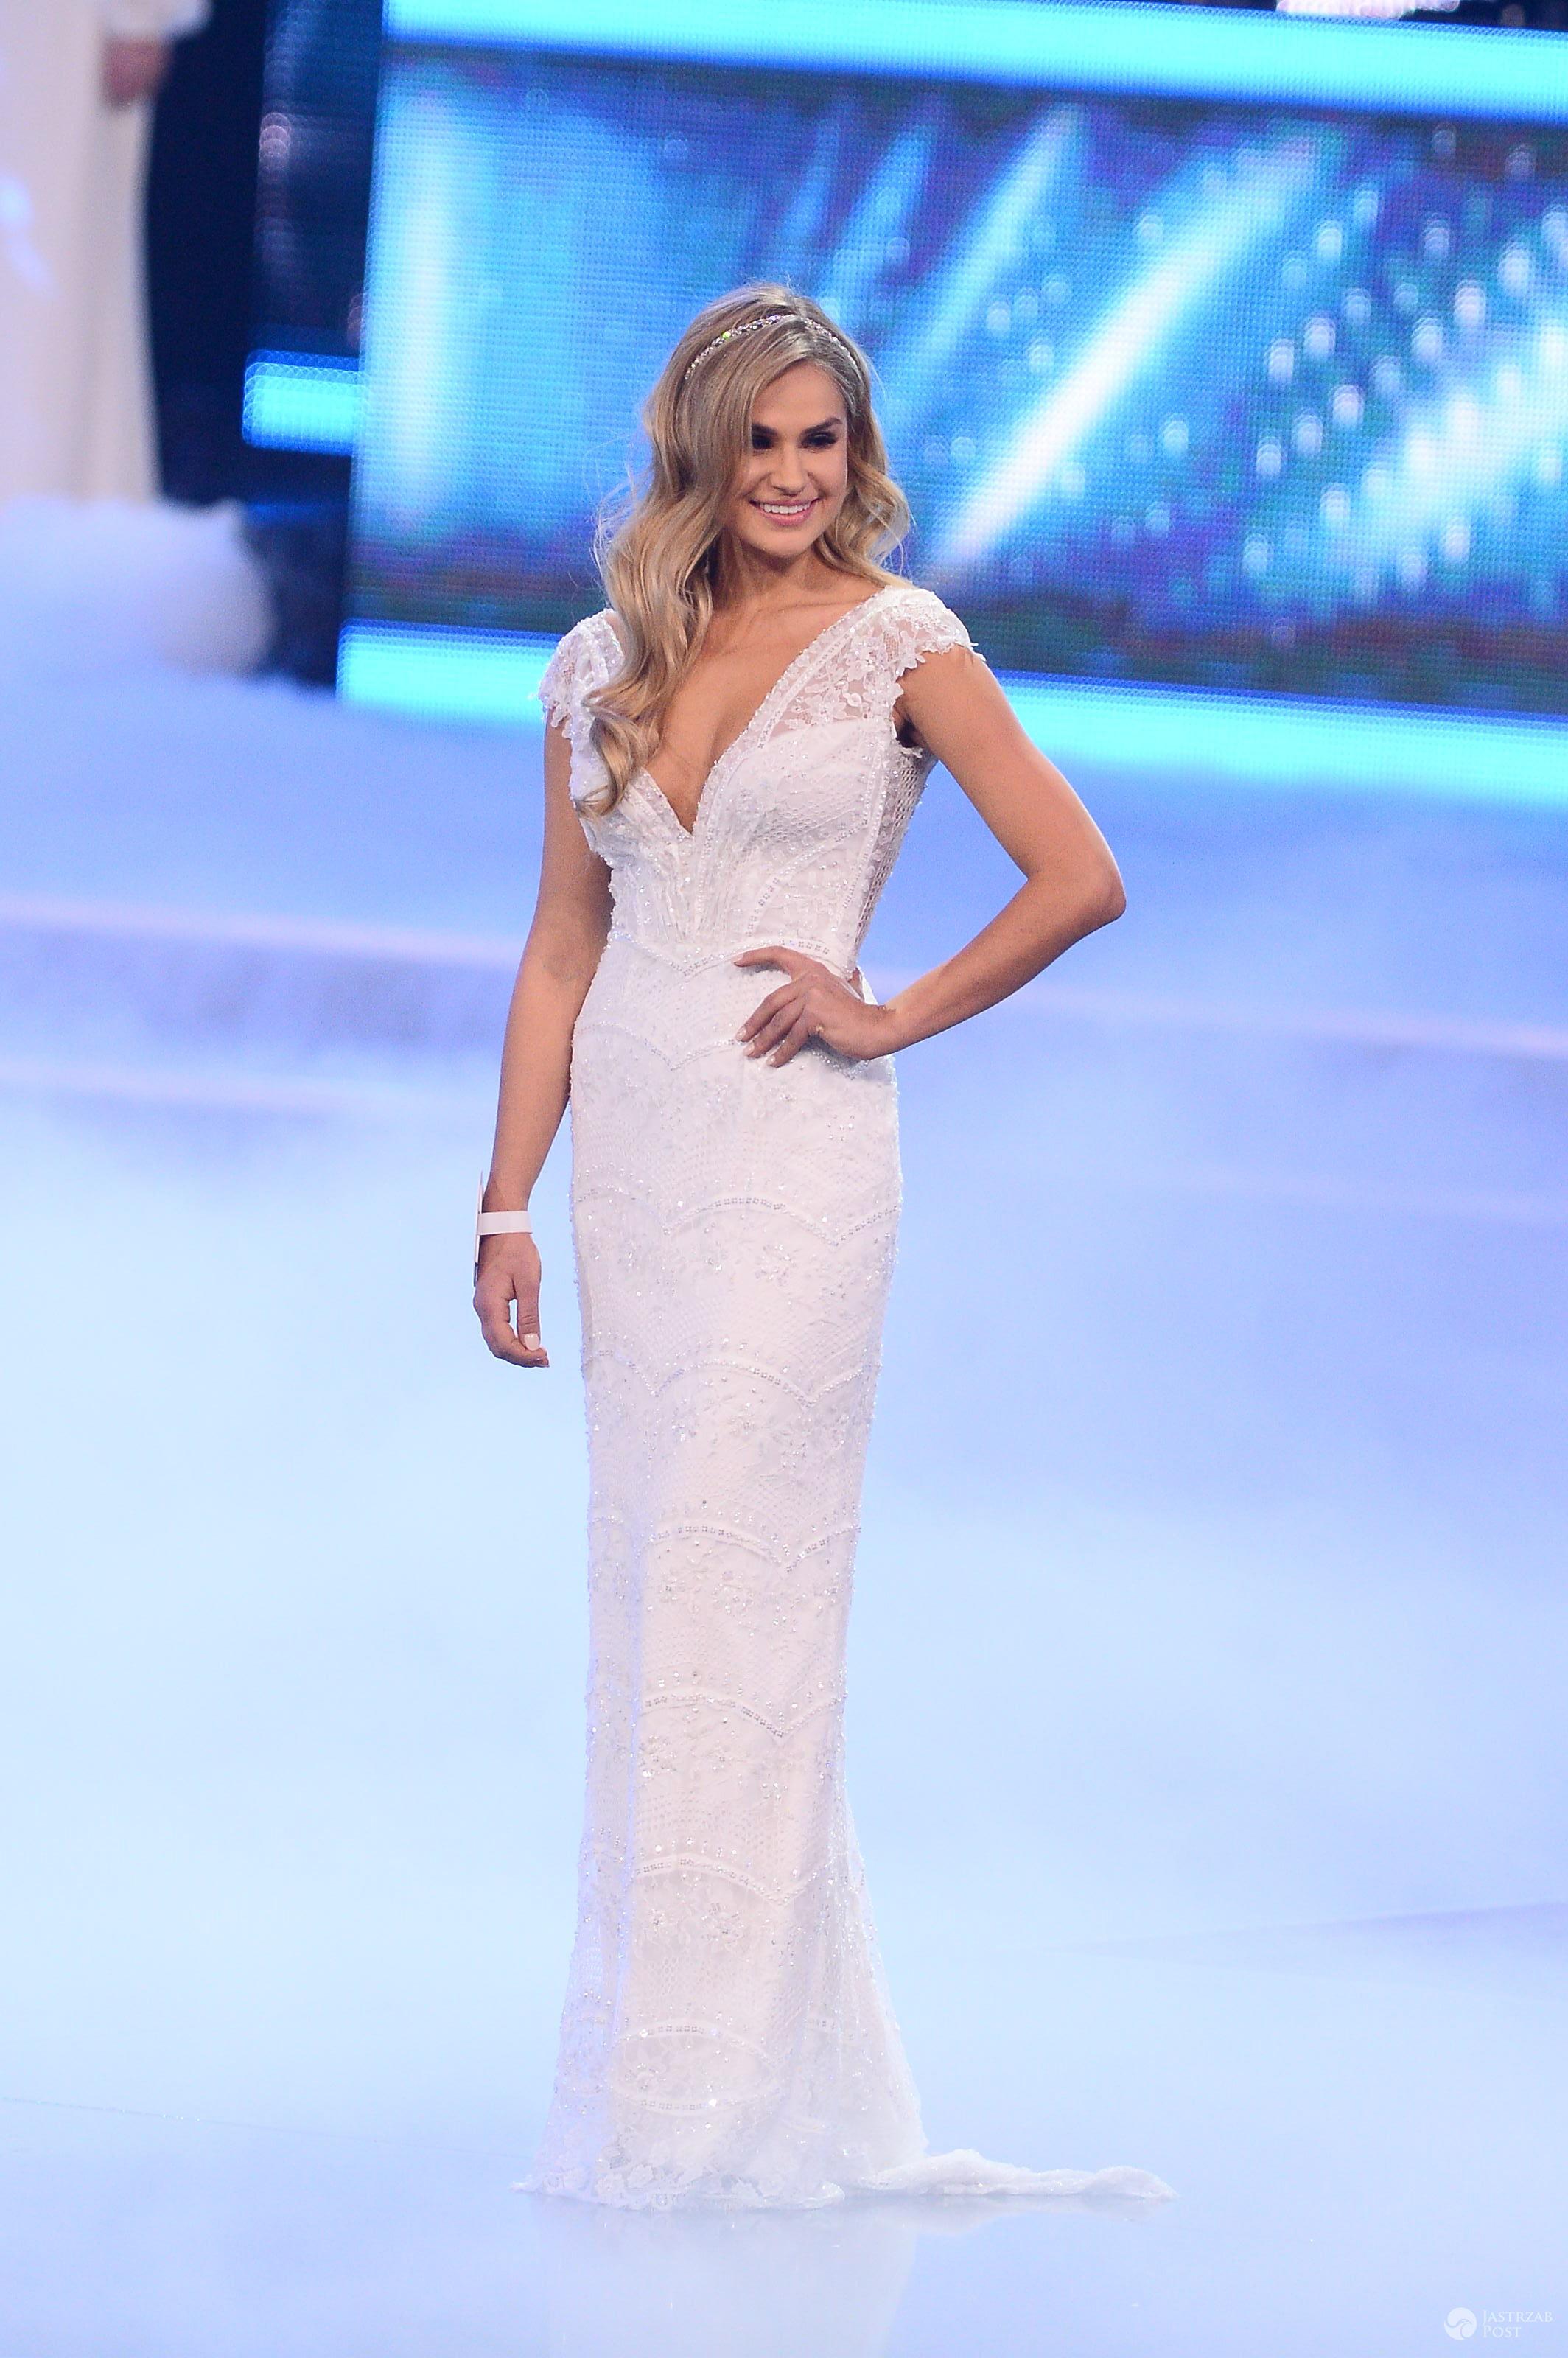 Laura Mancewicz w sukni ślubnej Violi Piekut na Miss Polski 2016